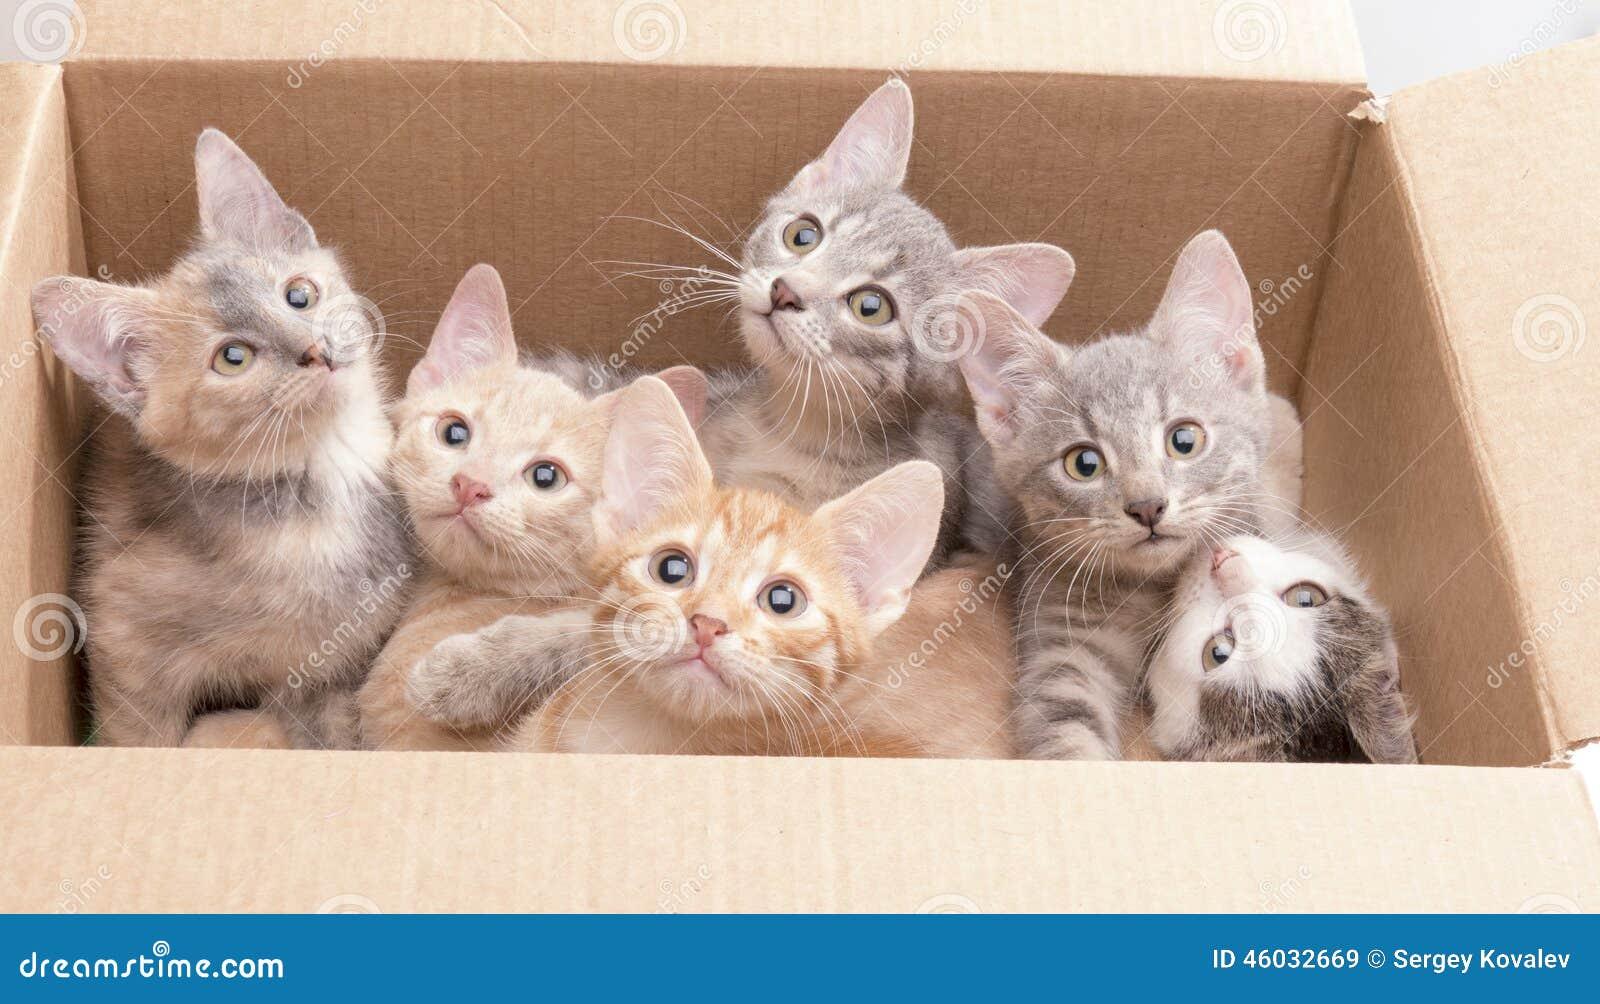 Roliga små kattungar i en ask